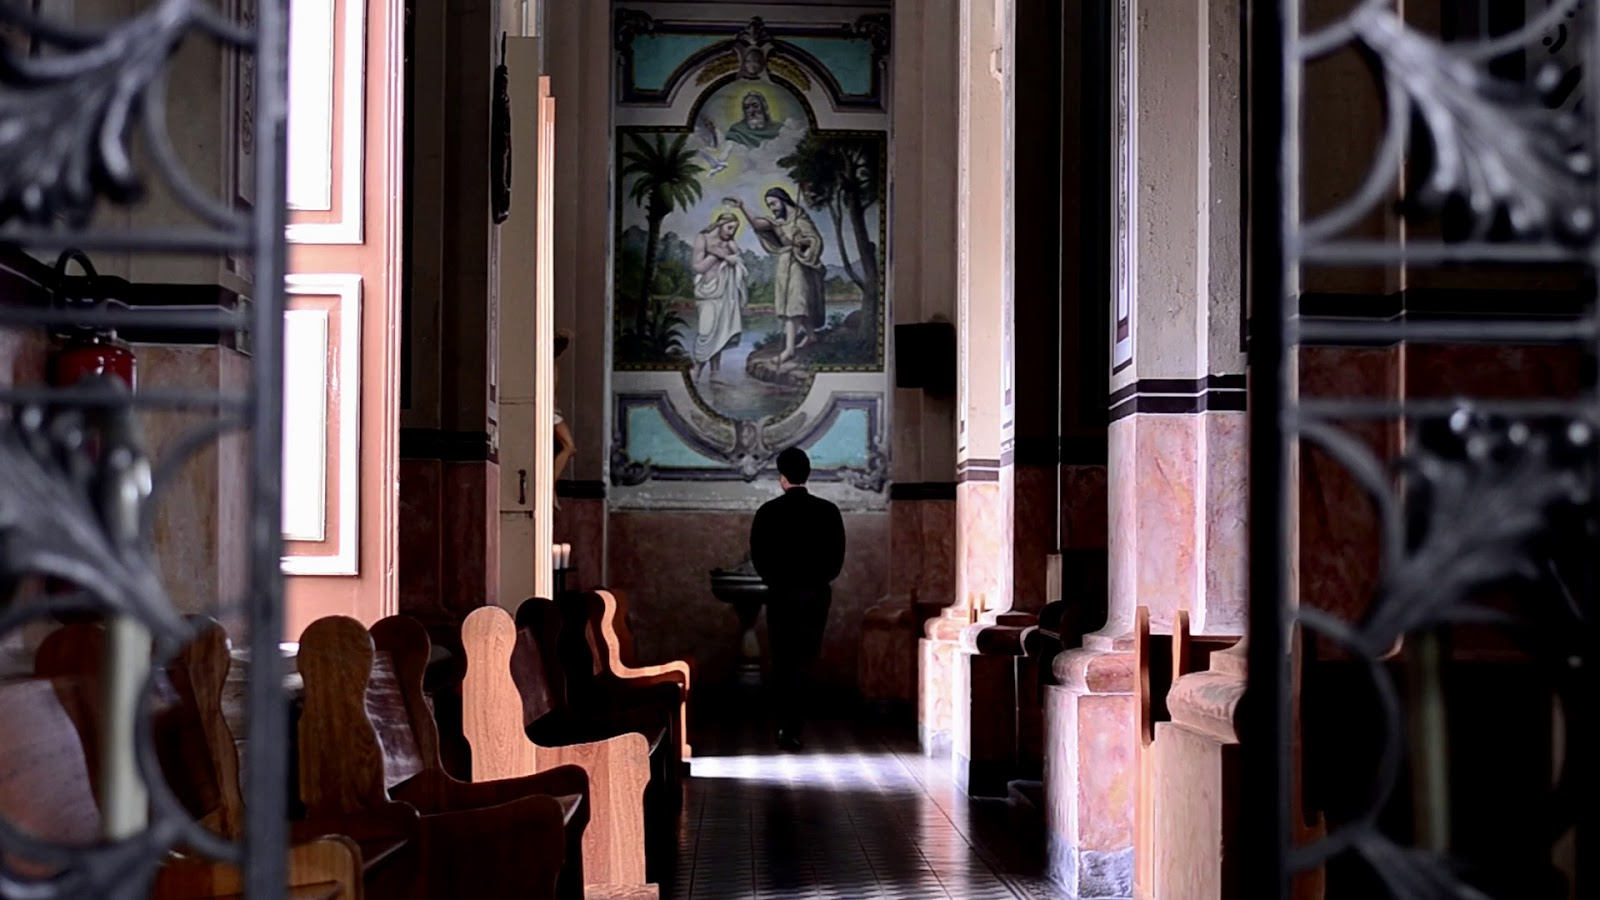 Diário de um Exorcista - Zero (2016) Full HD 1080p Latino captura 1